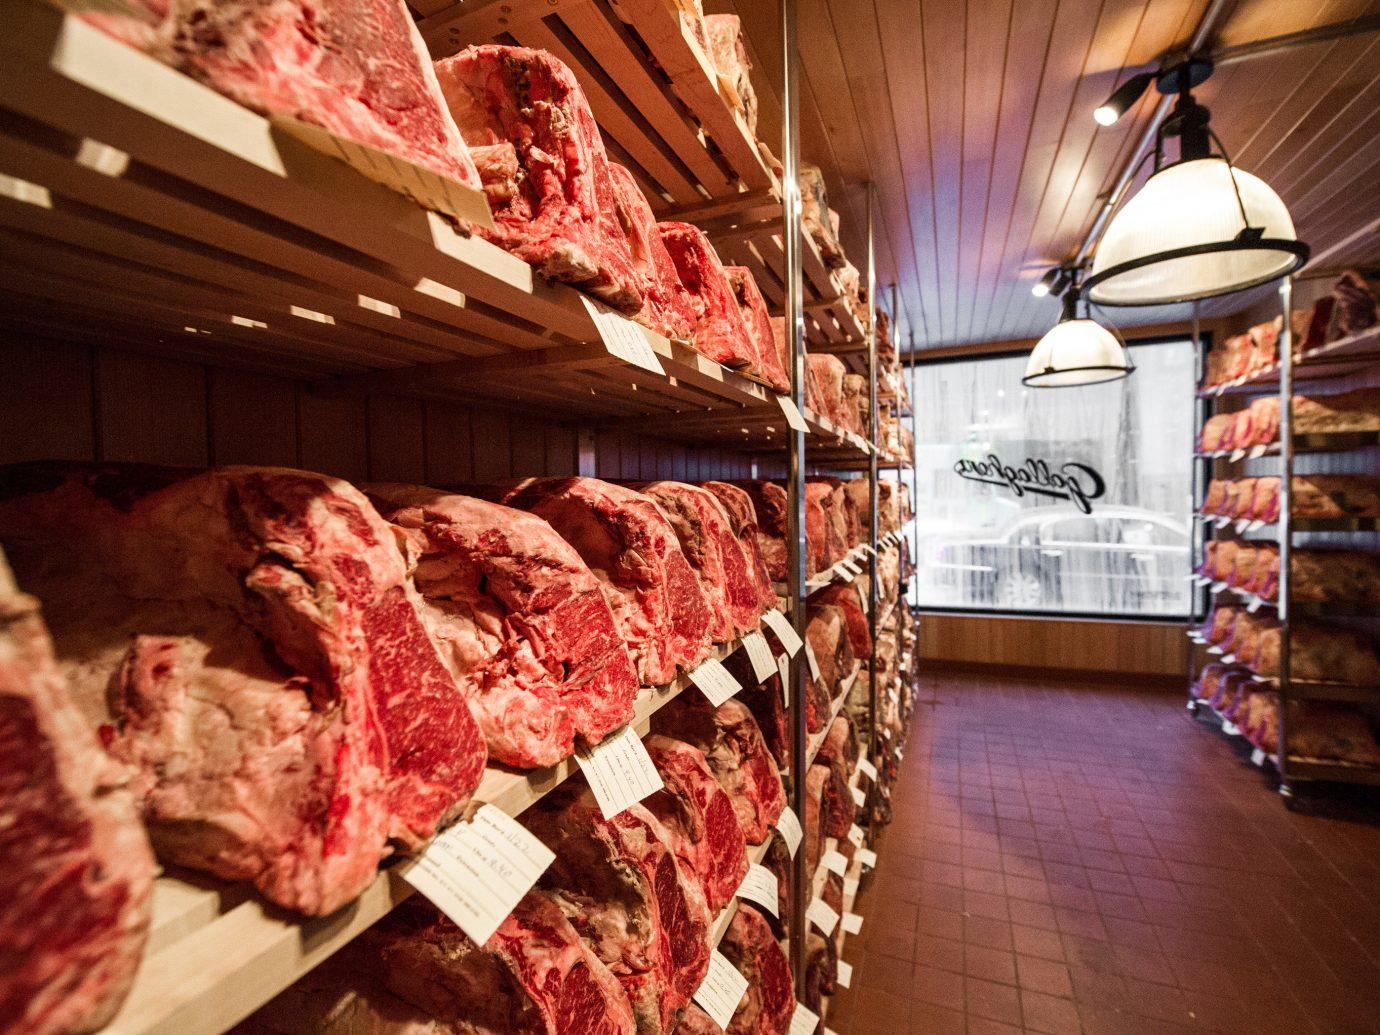 Food + Drink indoor floor retail ceiling meat food butcher Shop